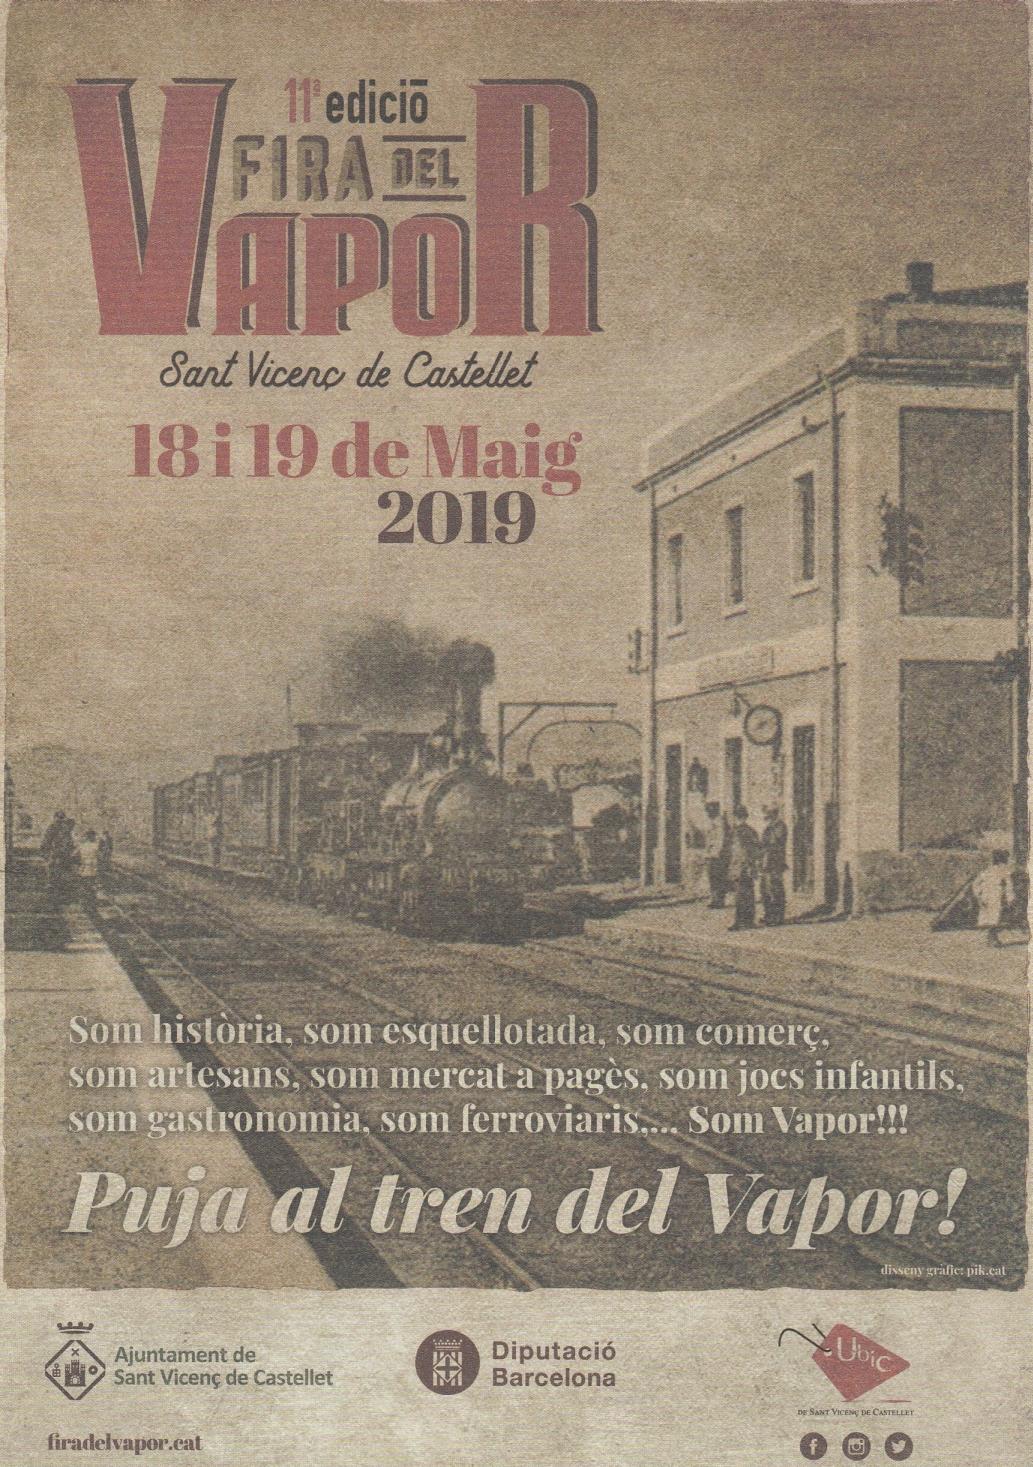 11a Edició de la Fira del Vapor. Sant Vicenç de Castellet.